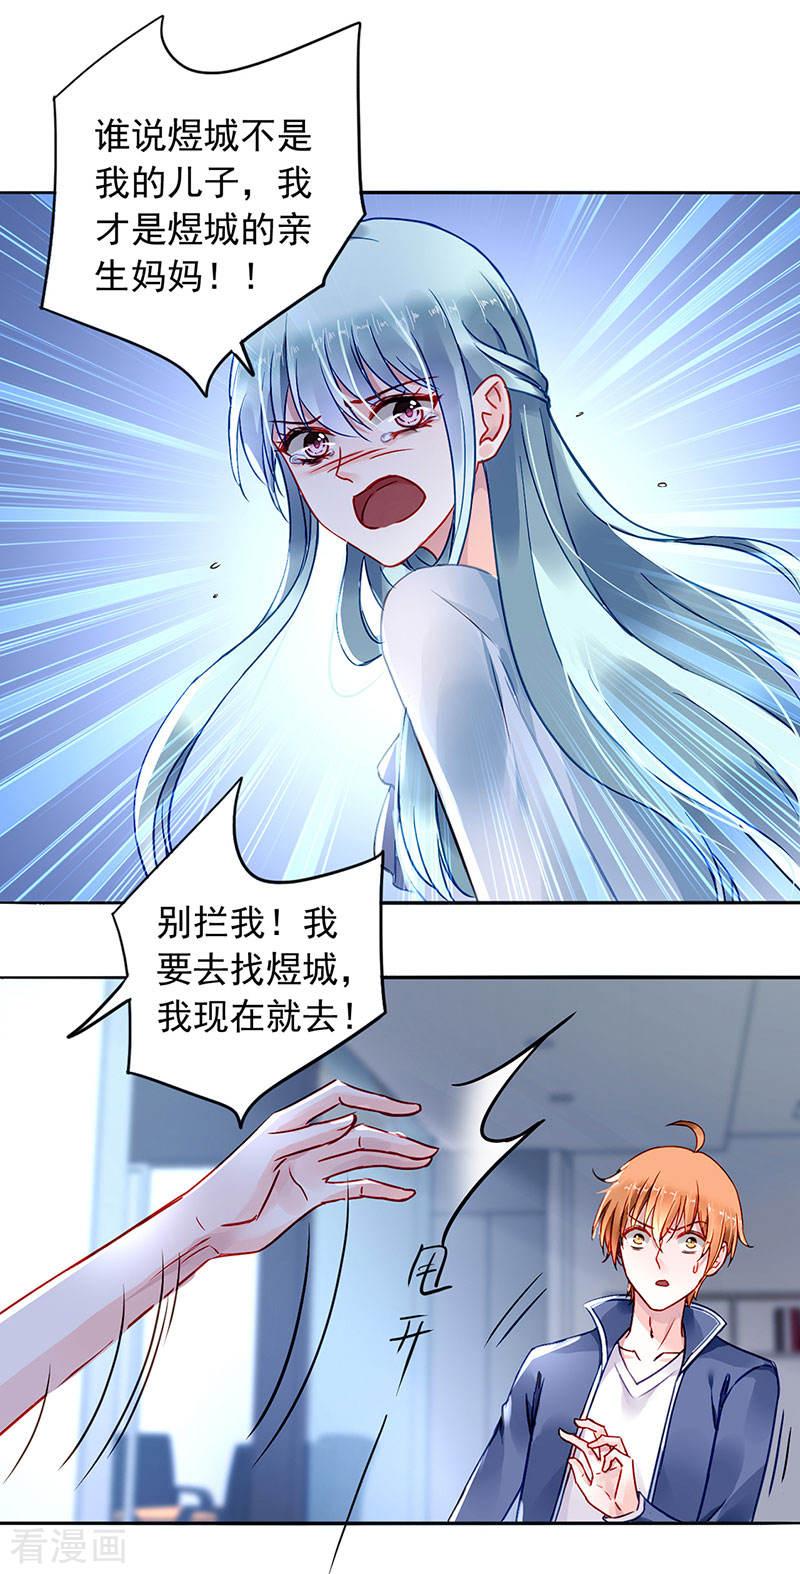 落難千金的逆襲: 203話 煜城不見了?! - 第14页